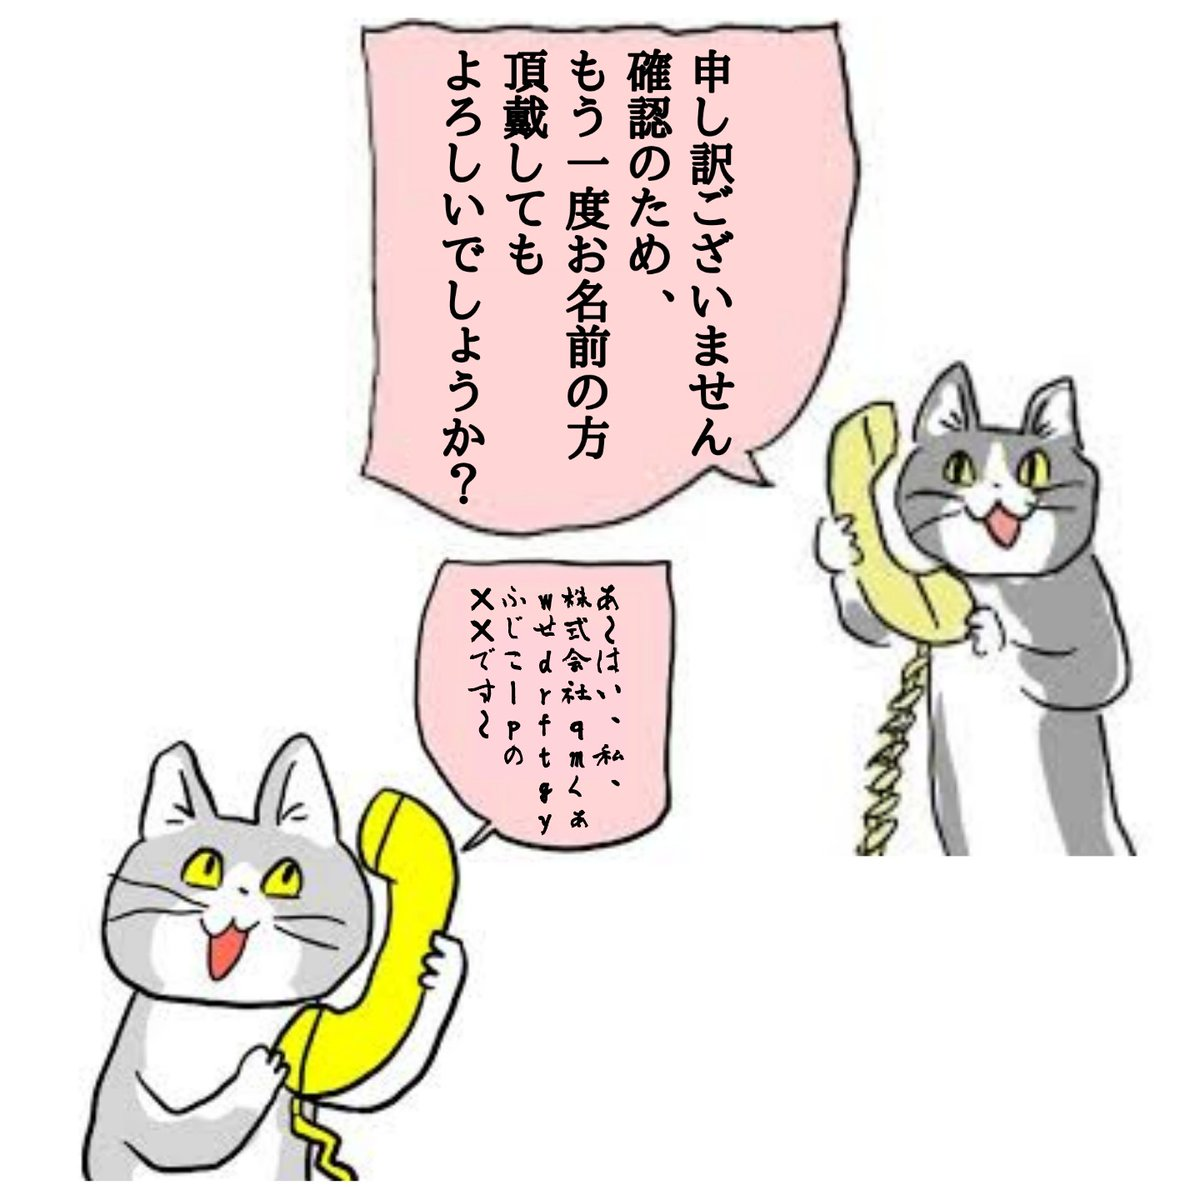 電話受けは難しい?相手の言っていることが聞き取れない時の対応!